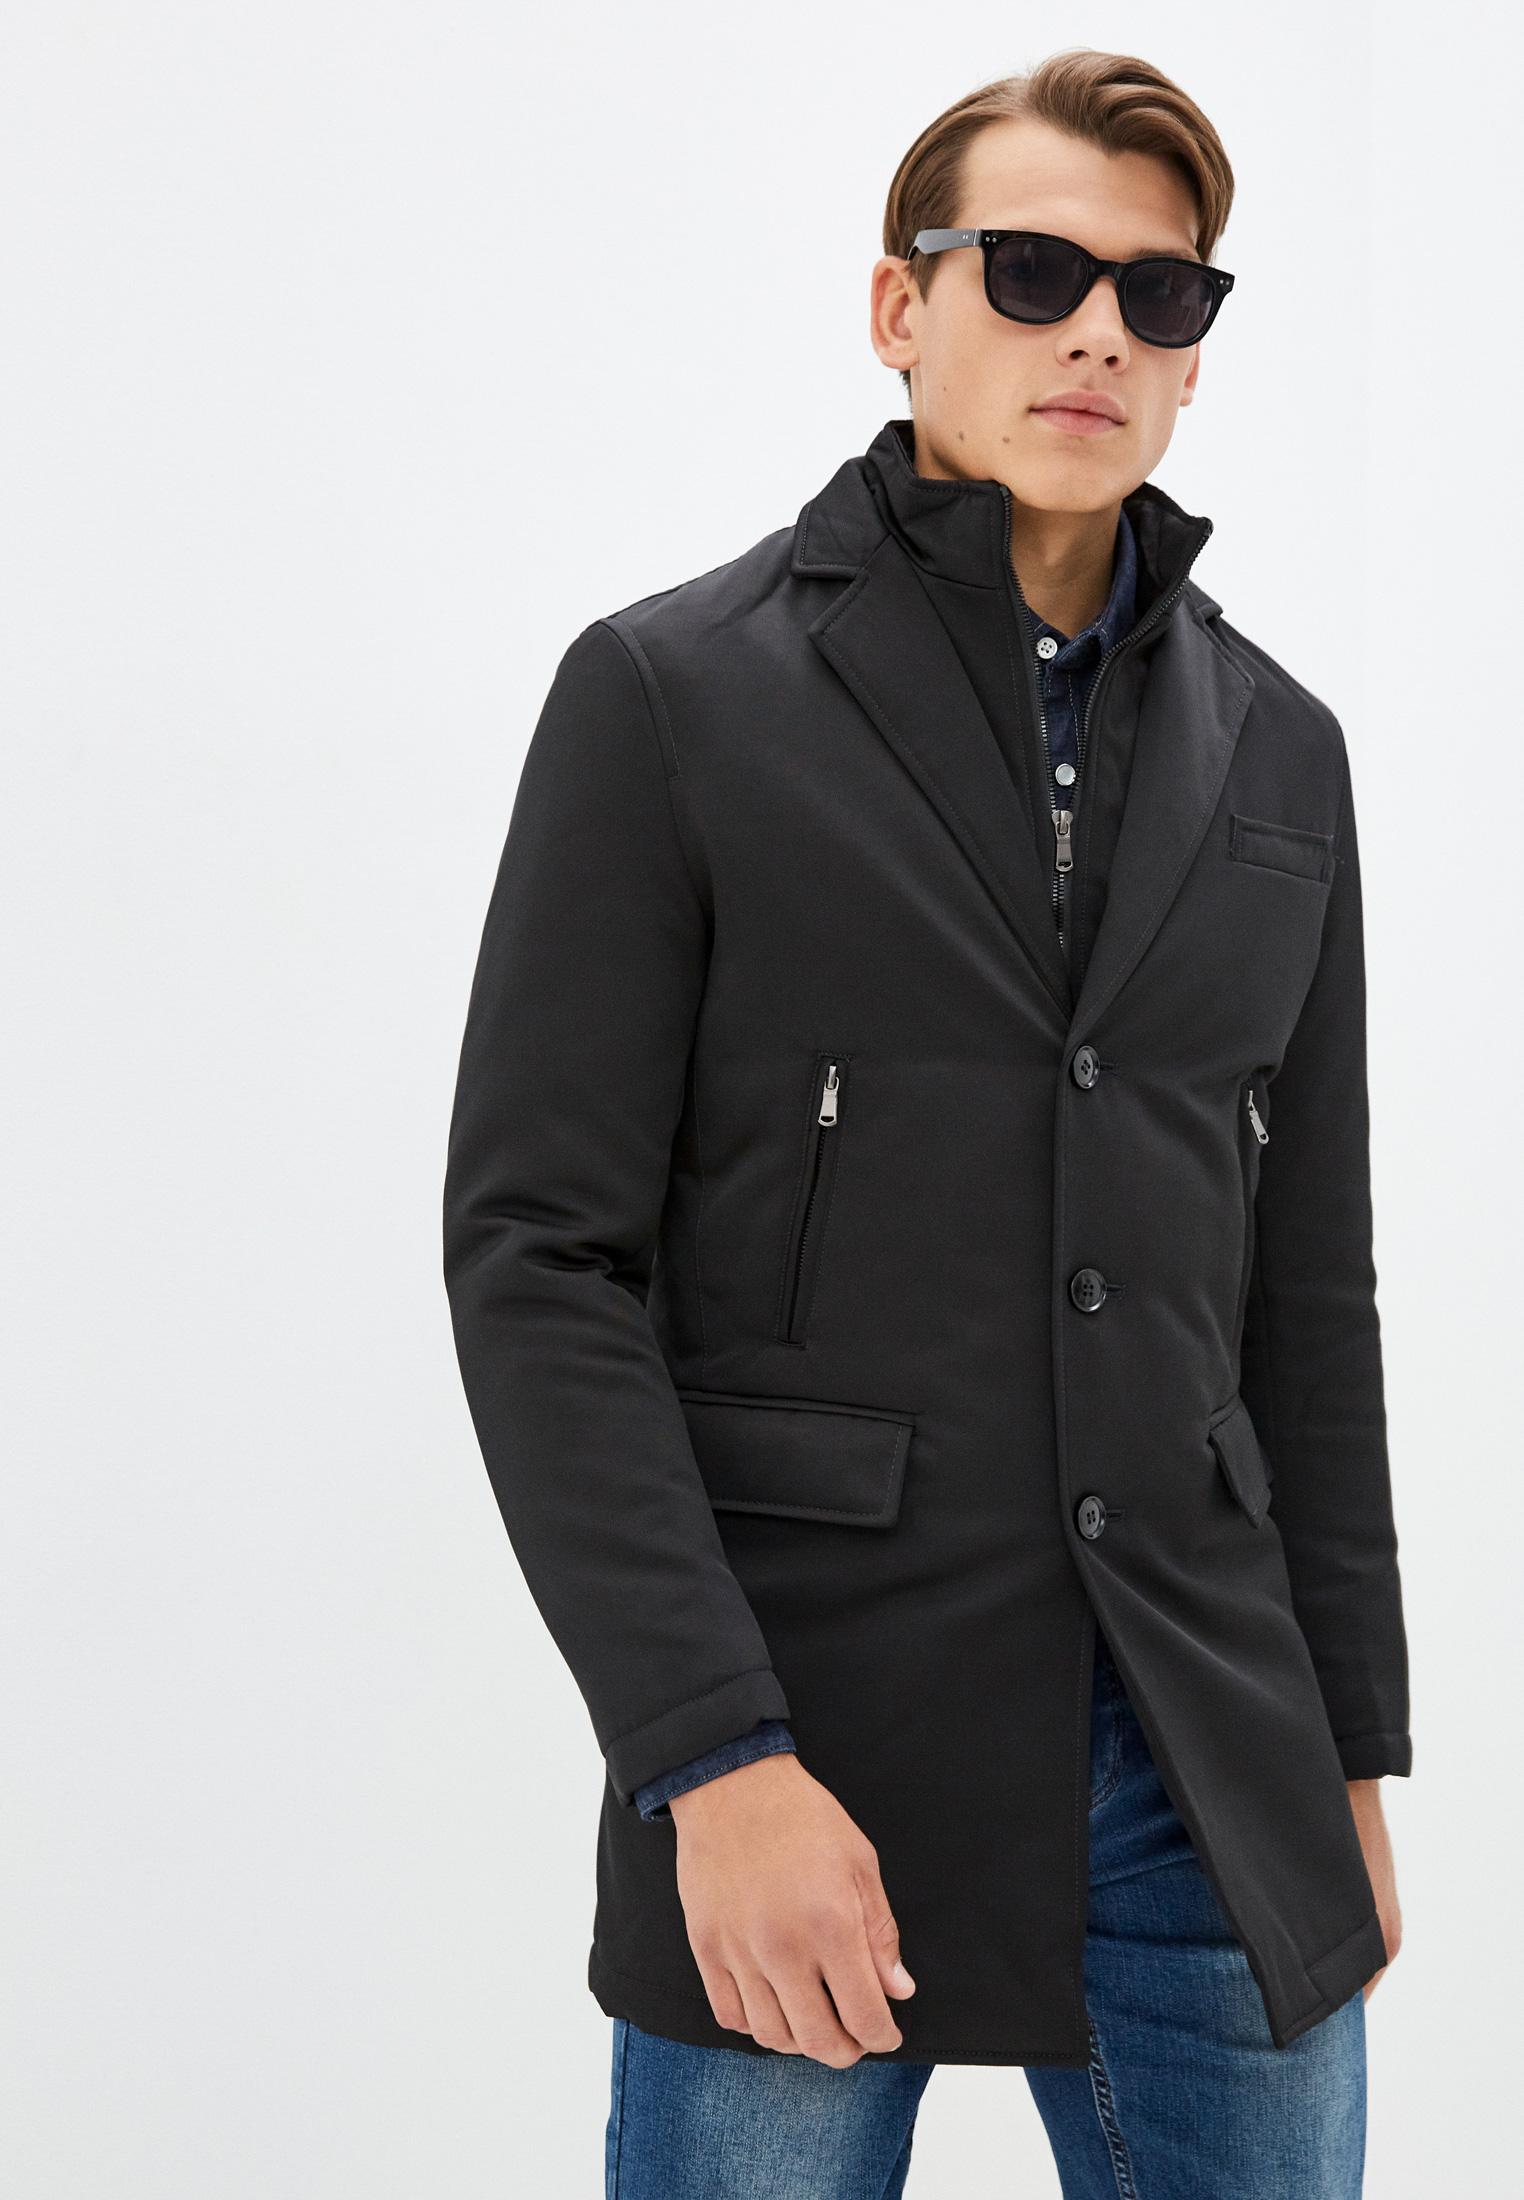 Утепленная куртка Baker's Куртка утепленная Baker's